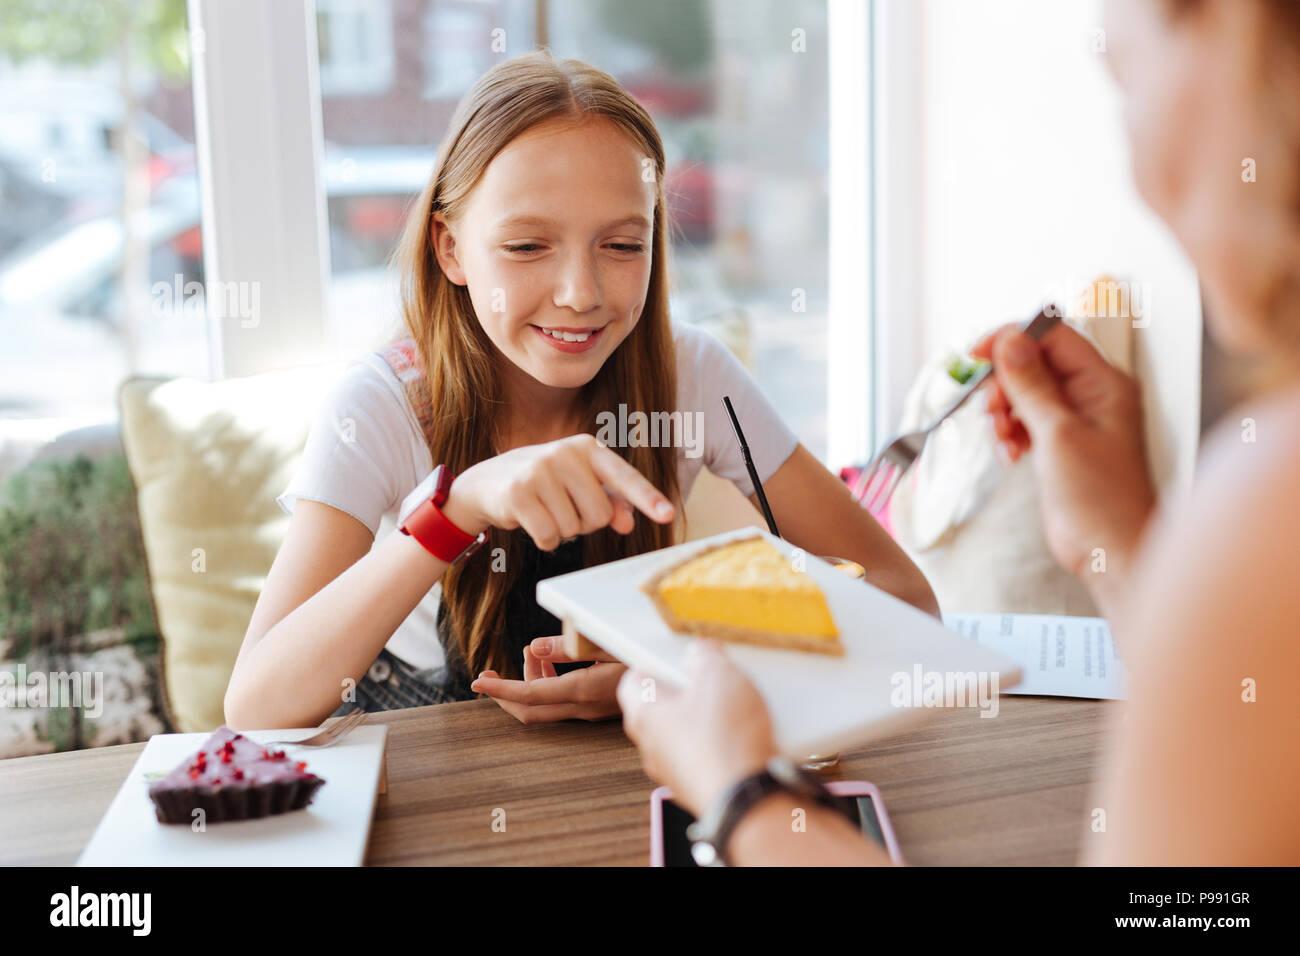 Lächelnd Teenager versuchen, Käsekuchen mit ihrer Mutter Stockbild